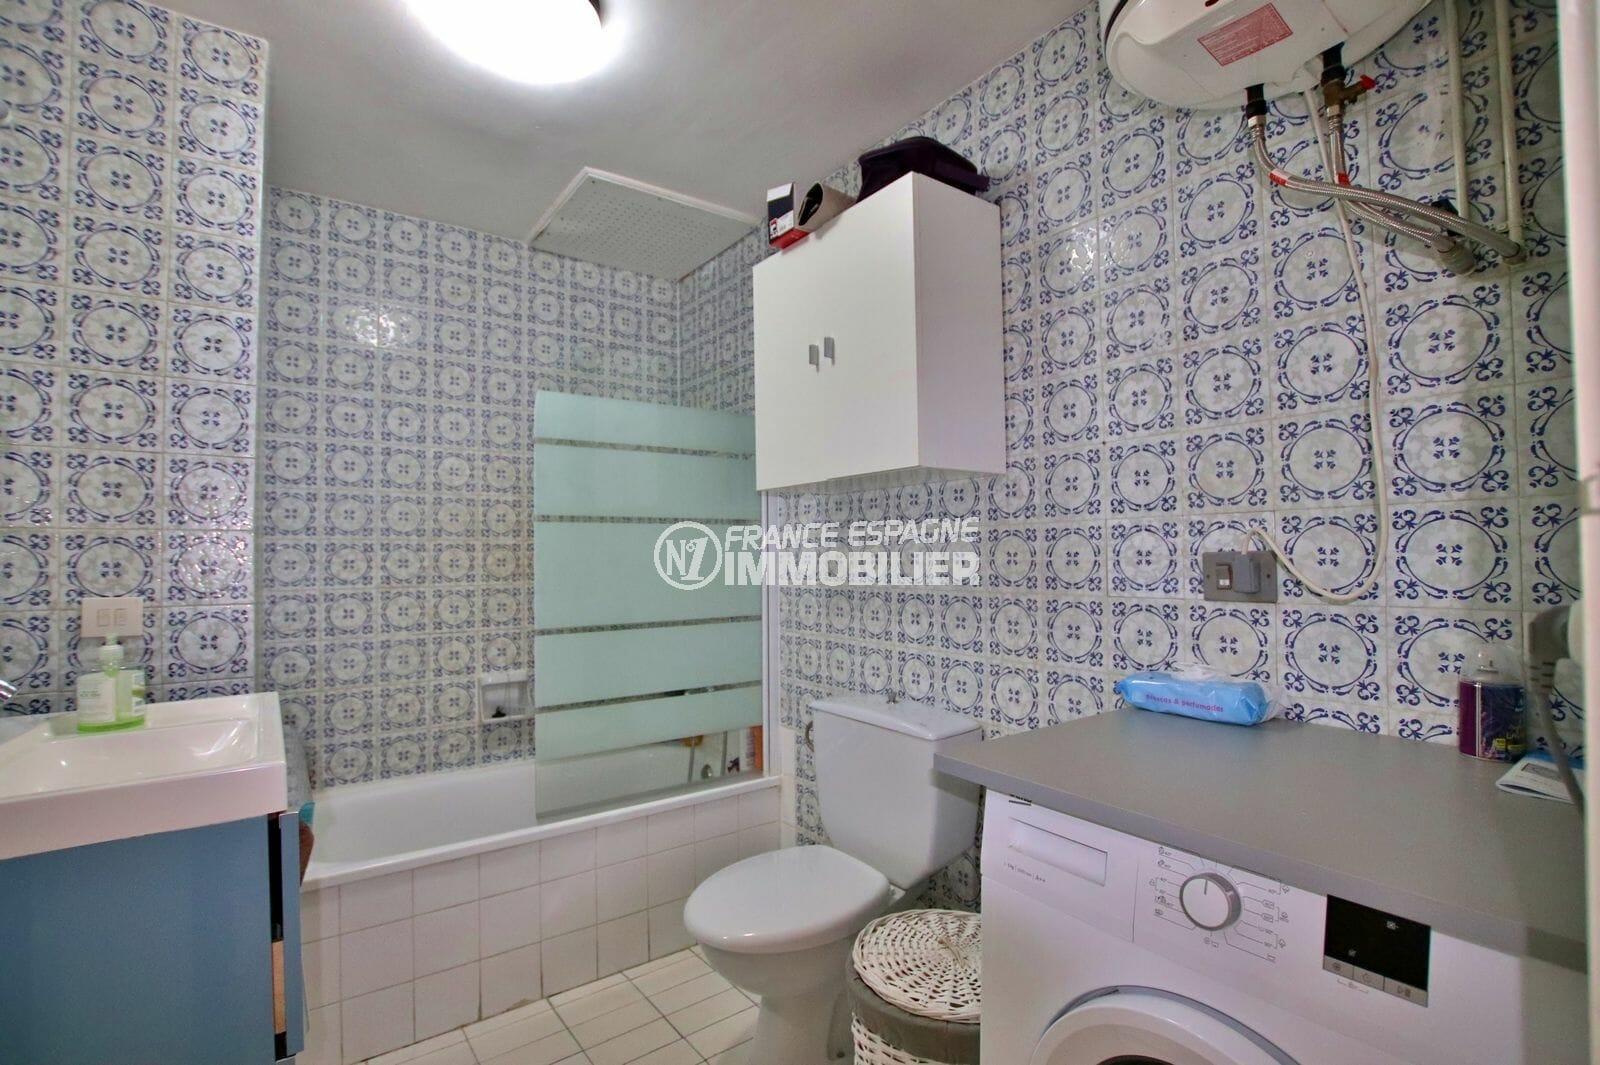 immobilier espagne pas cher: appartement 51 m², salle de bains avec baignoire, vasque et wc